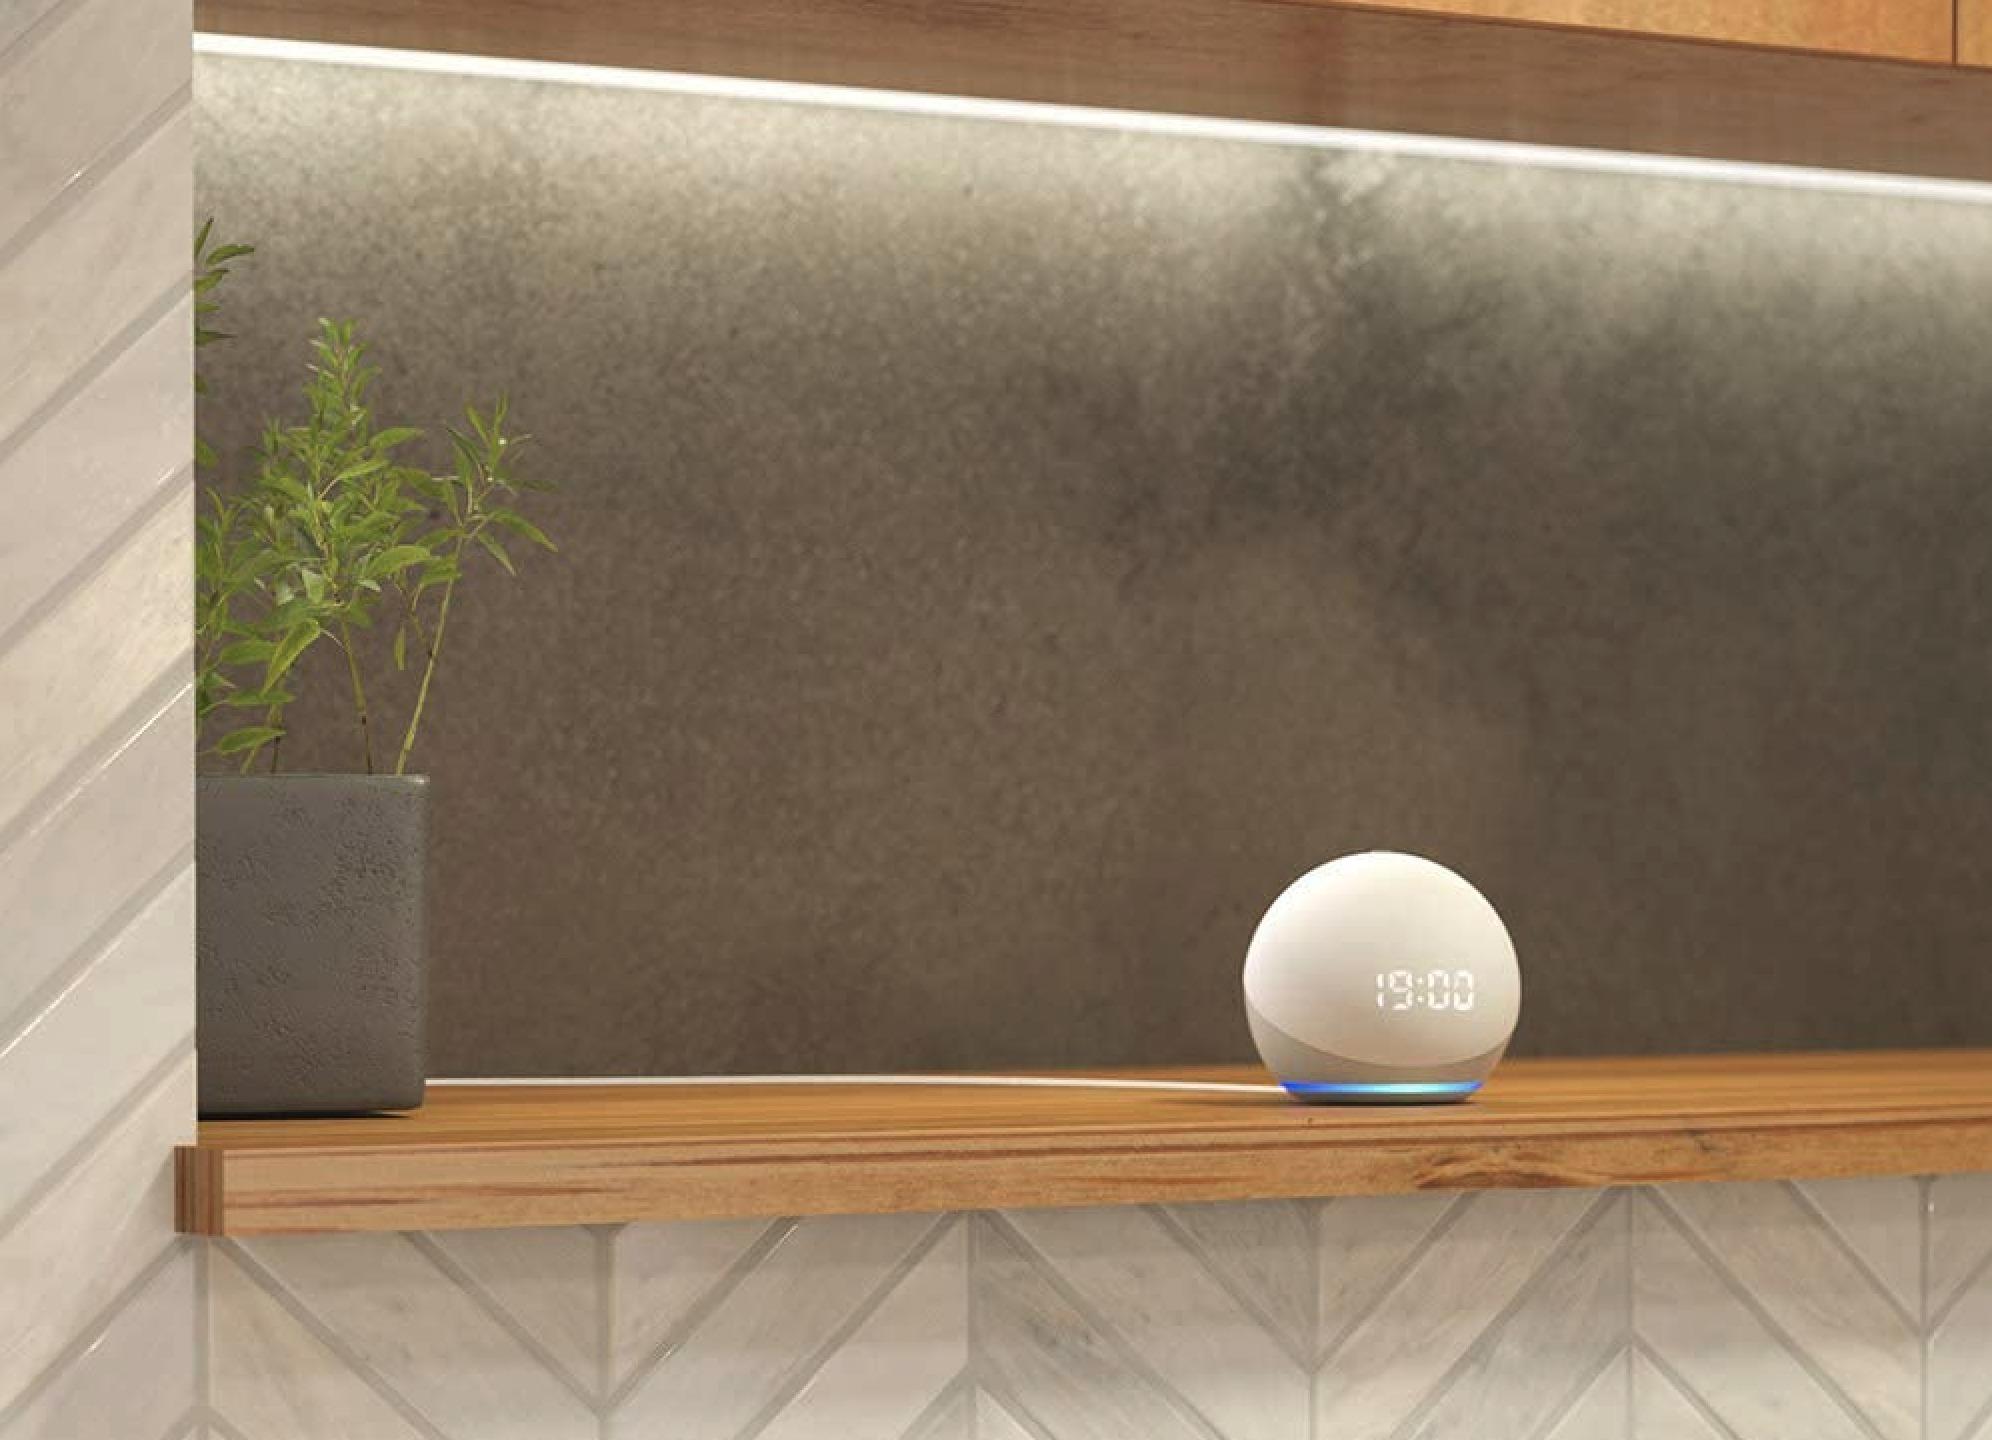 アレクサ:Echo Dot (エコードット) 第4世代の写真